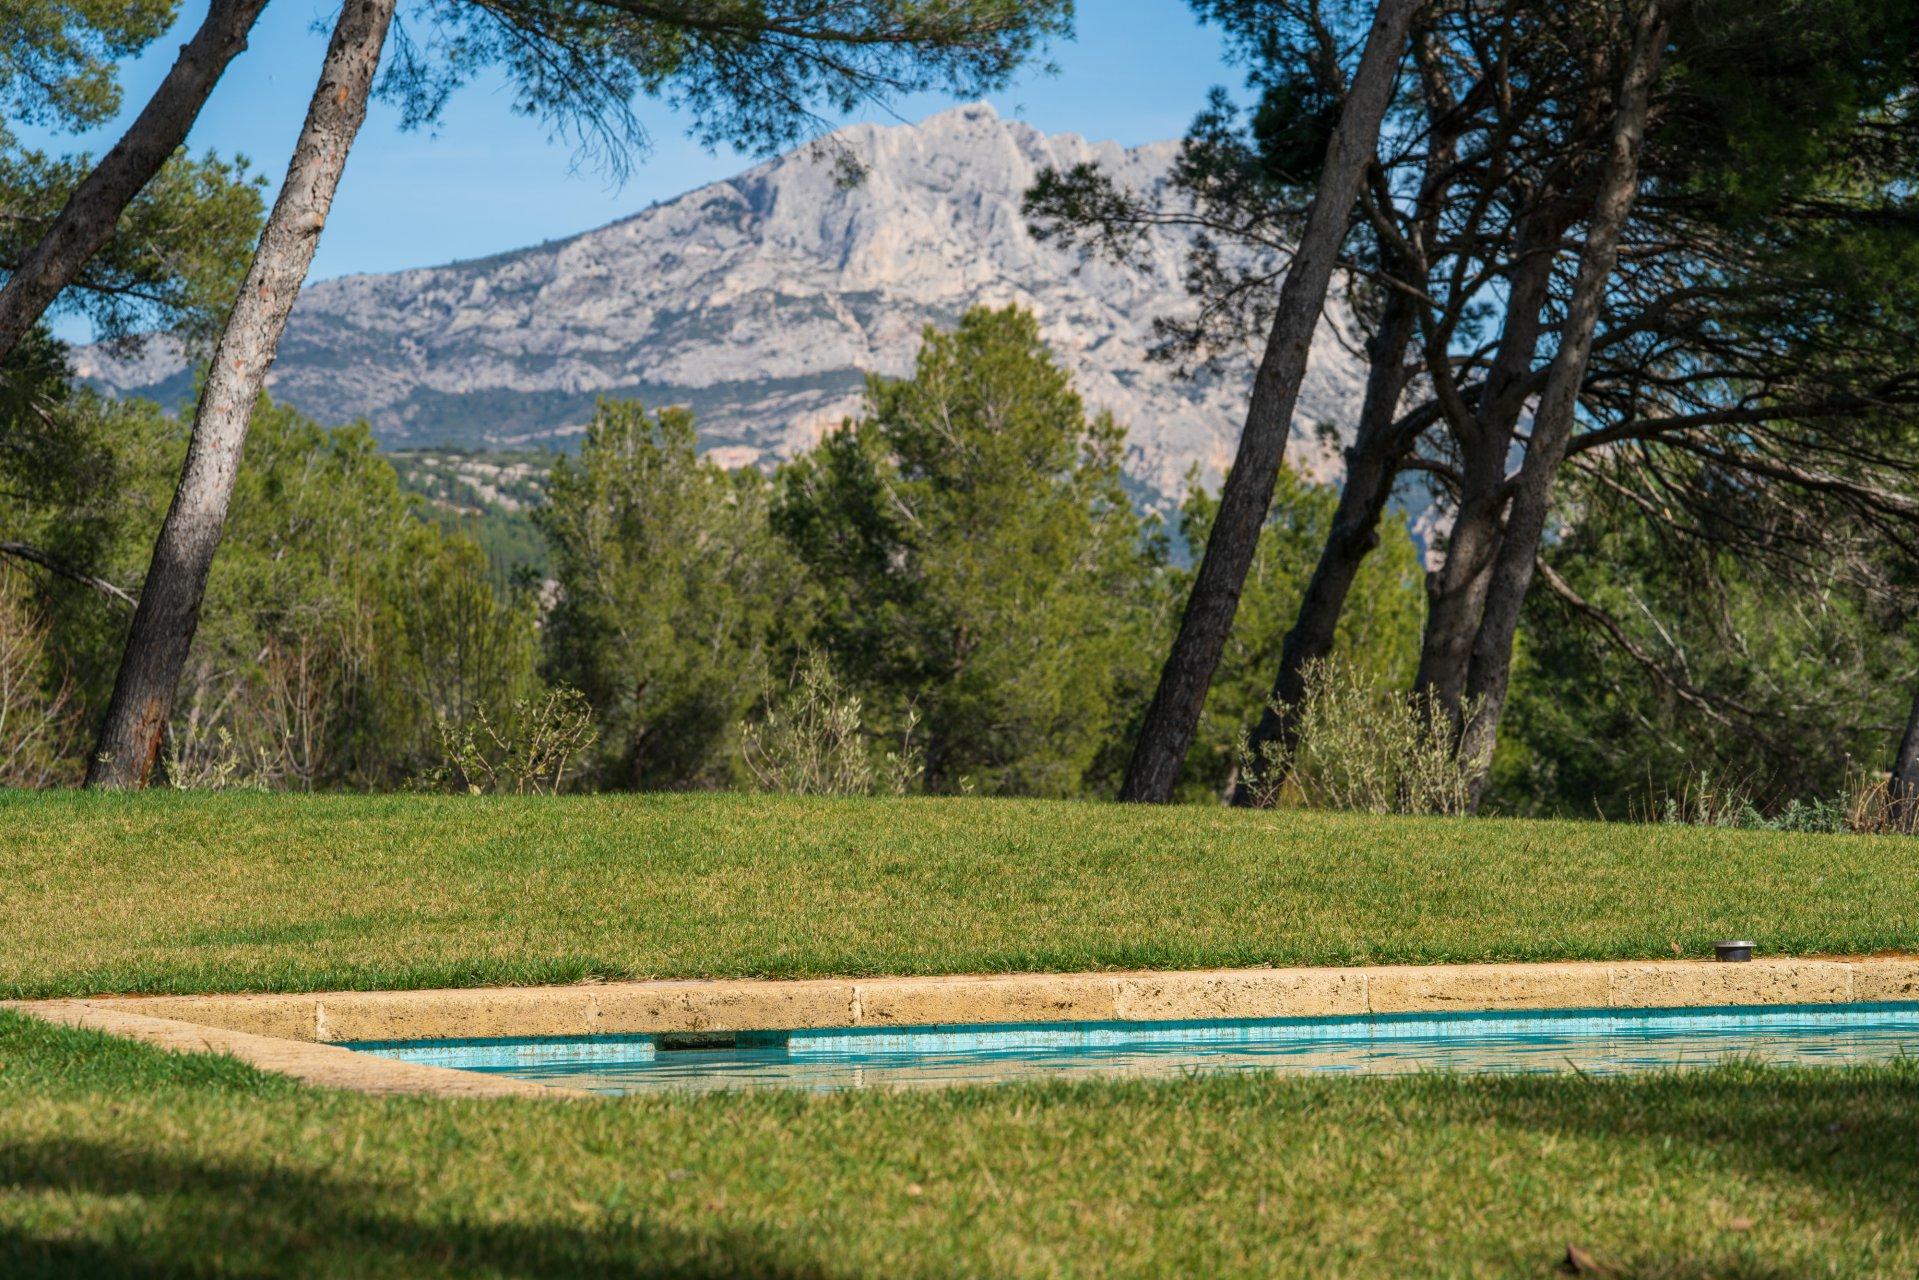 magnifique-prieure-xvi-eme-siecle-entierement-renove-a-vendre-tholonet-piscine-cellier-buanderie-prestations-haut-de-gamme